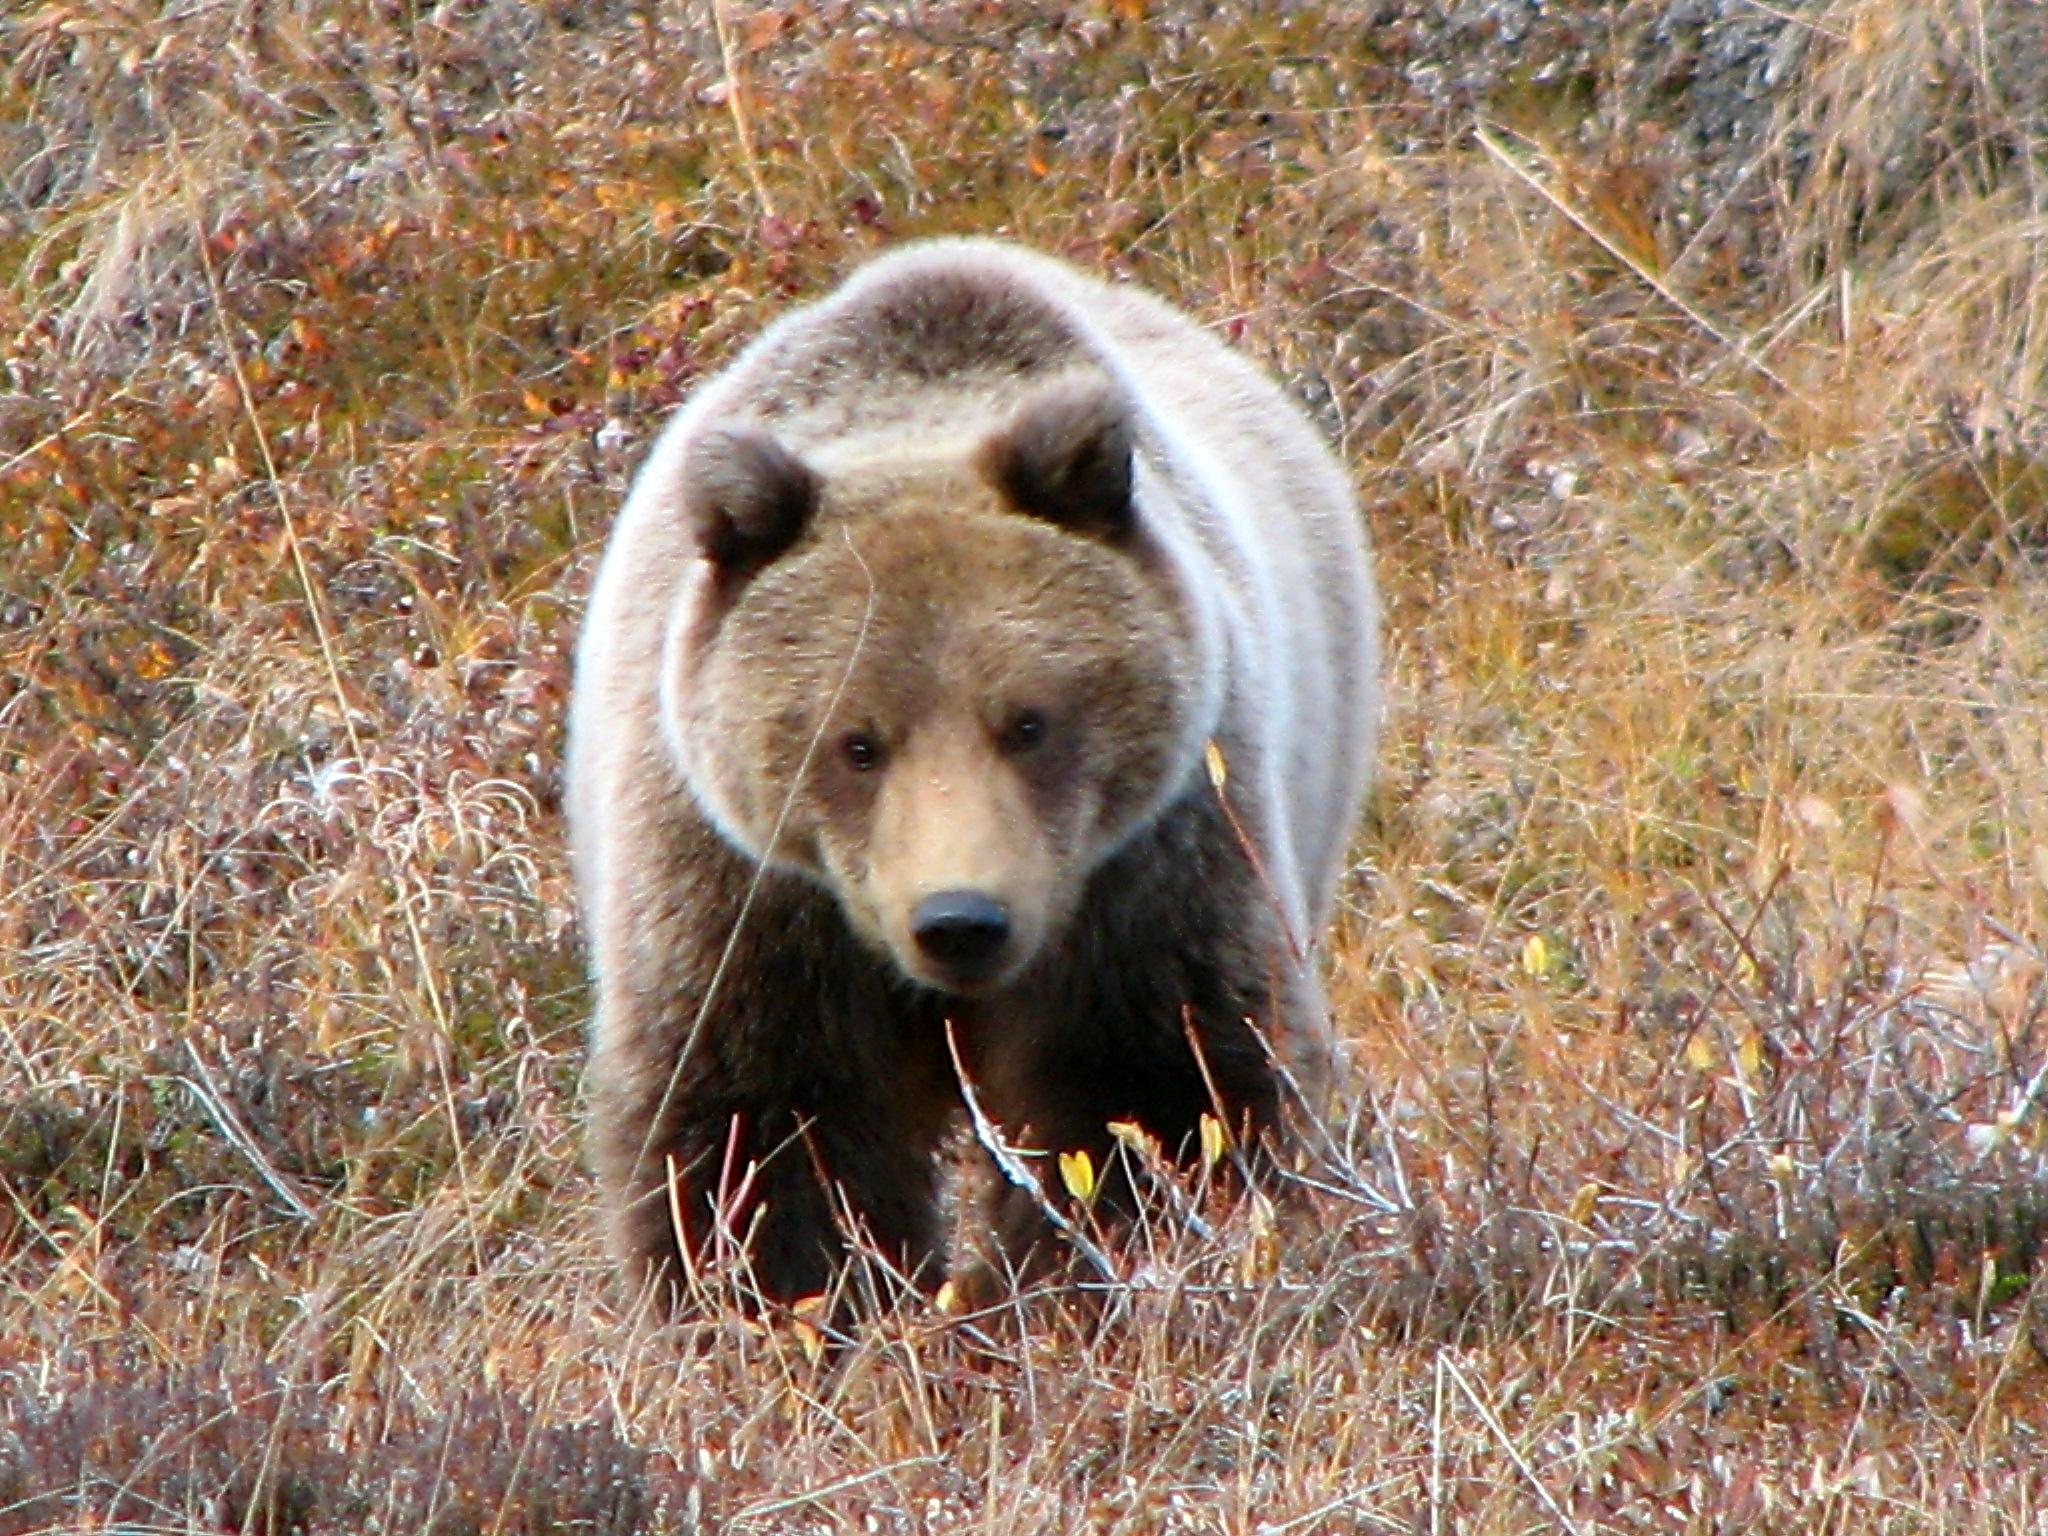 жаловались, фото север медведя бурый ранних